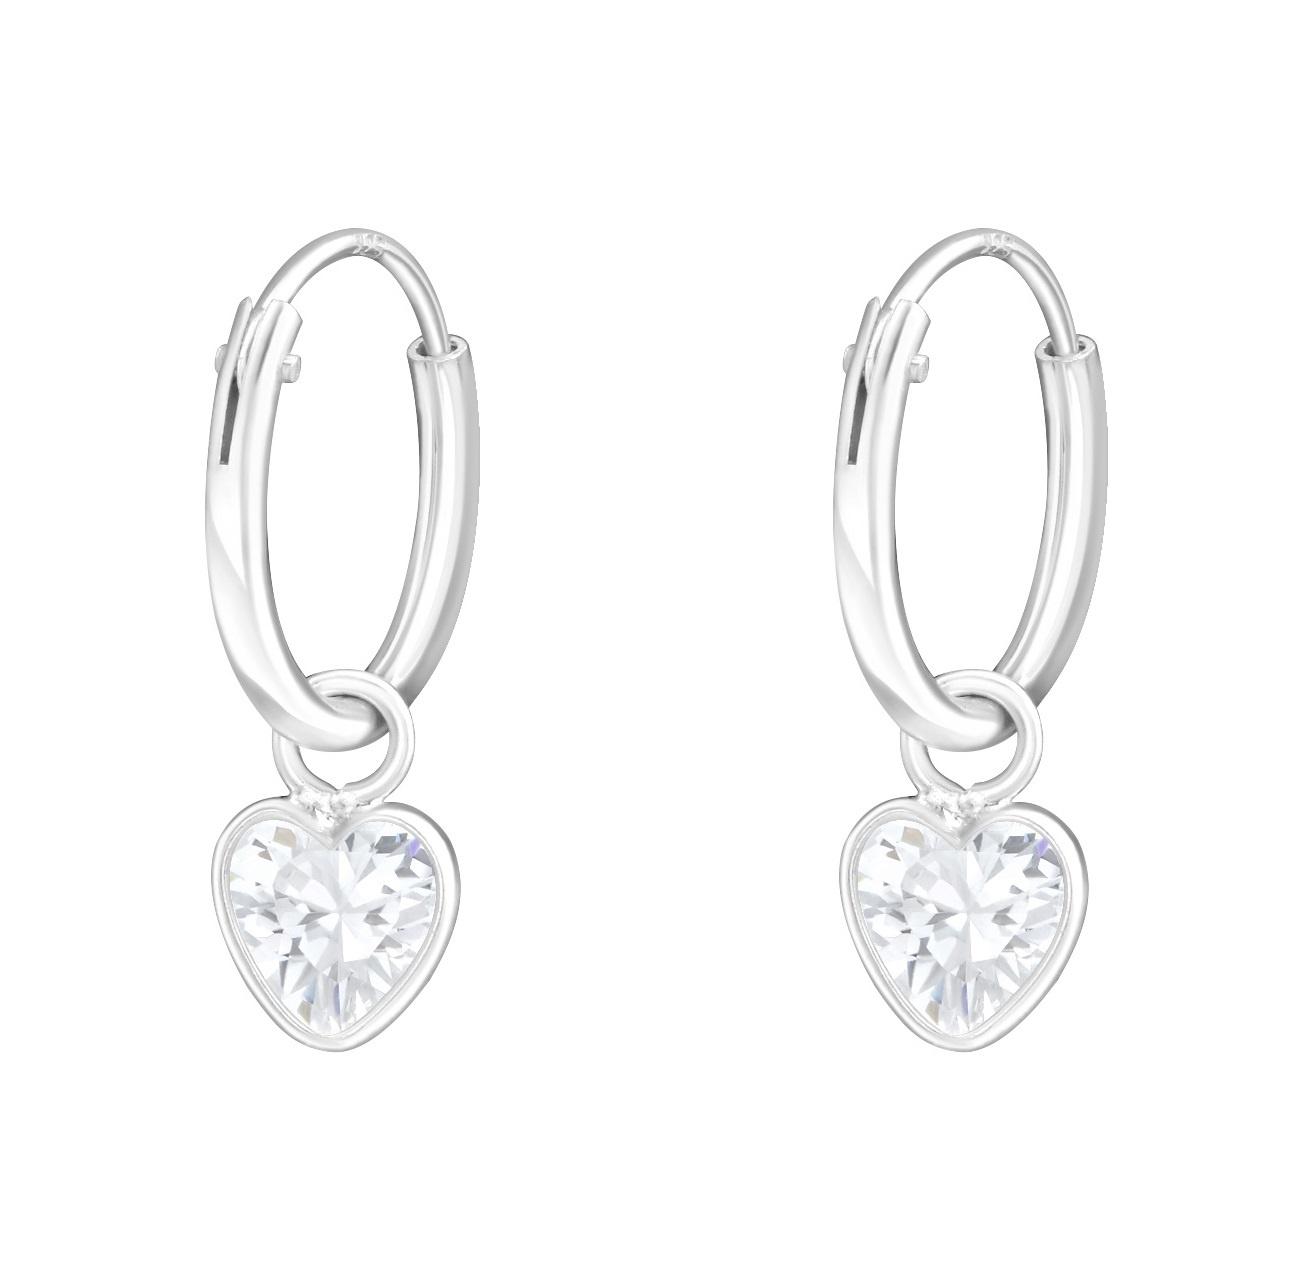 KAYA Zilveren creolen 'Crystal Heart'